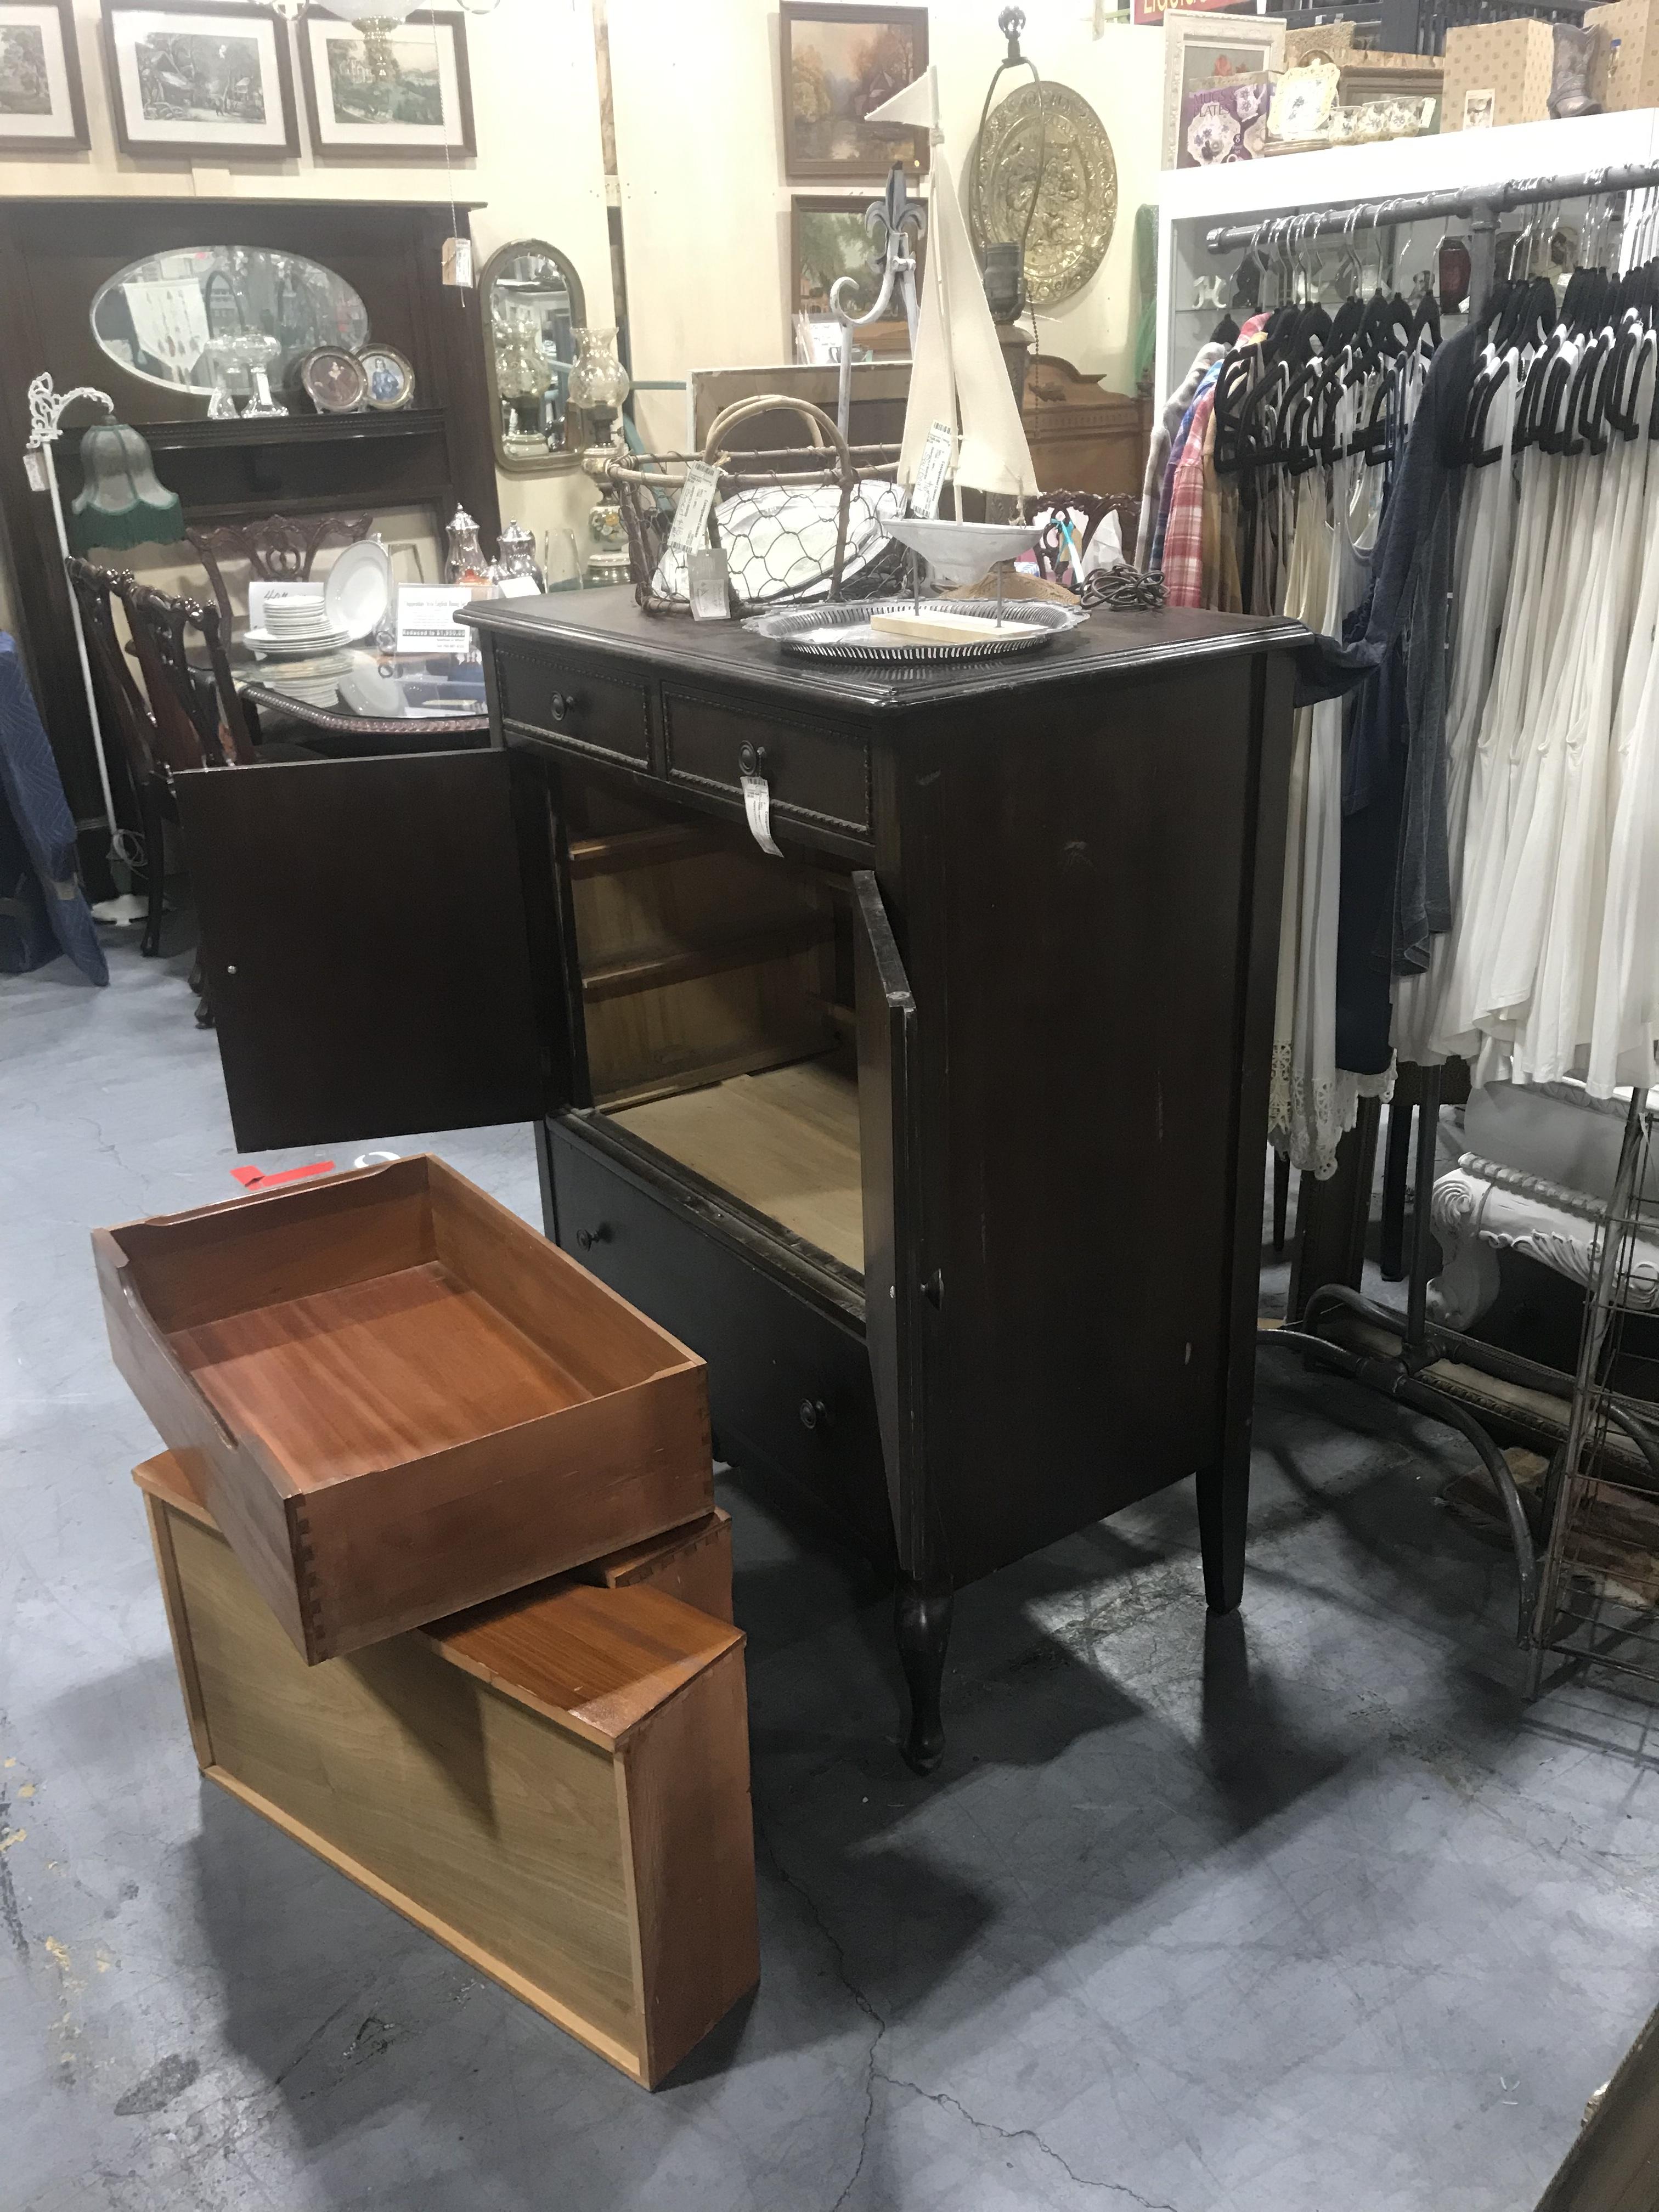 Brown wardrobe cabinet with open doors